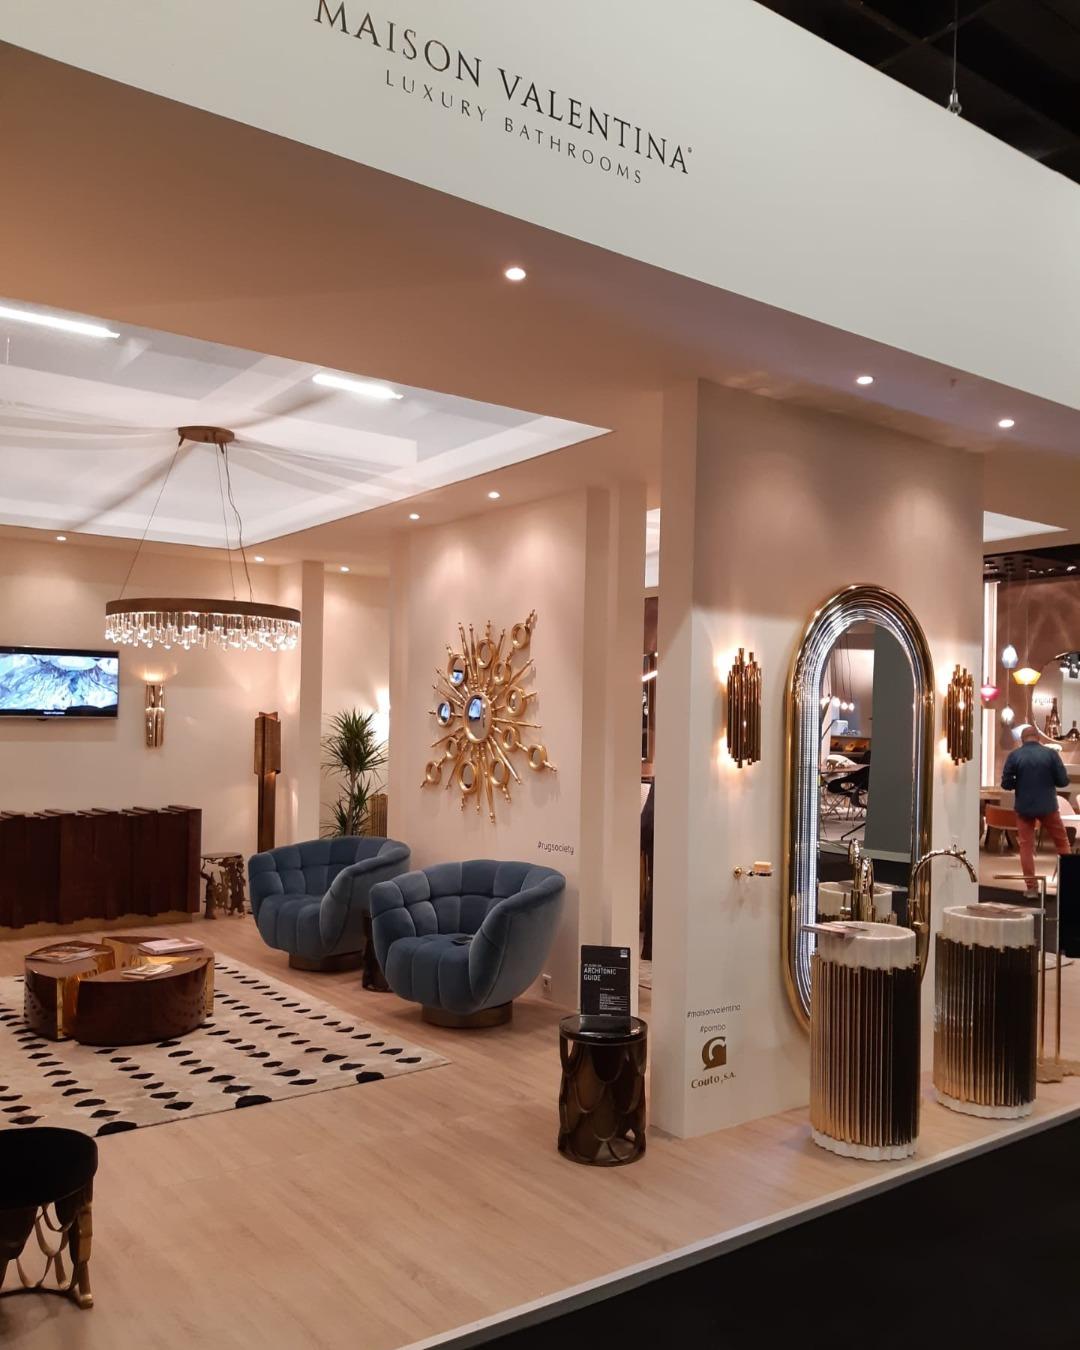 imm cologne 2020, imm, maison valentina, bathroom design, bathroom sets imm cologne 2020 Luxurious Bathroom Sets at IMM Cologne 2020-Maison Valentina Steals the Show! MV IMM7